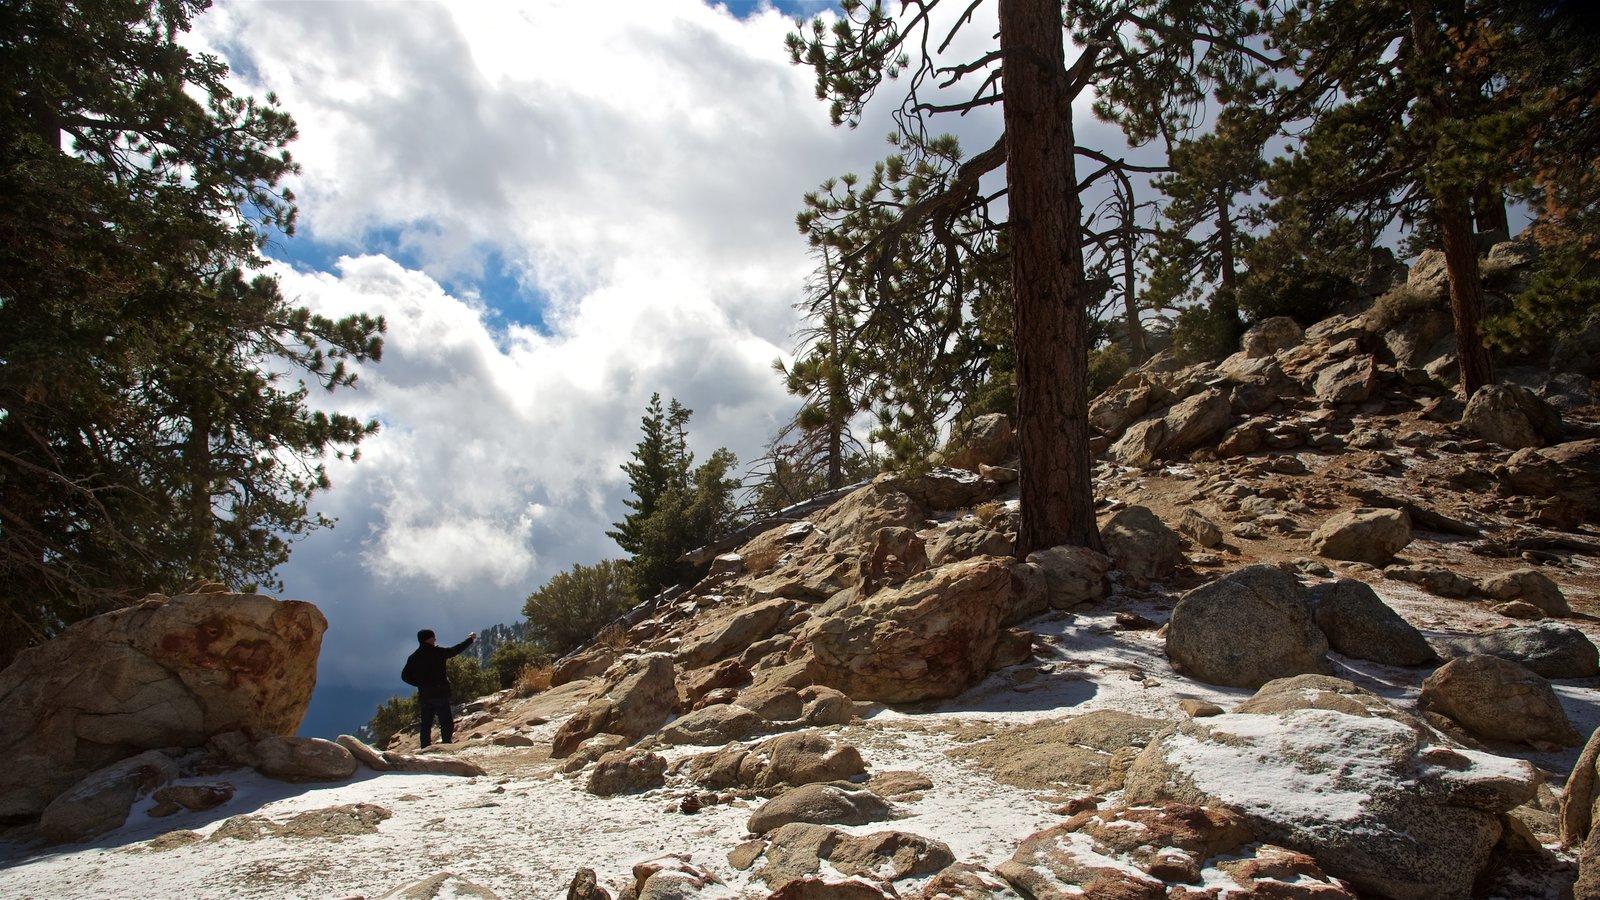 Parque estatal Mount San Jacinto mostrando escenas tranquilas y montañas y también un hombre